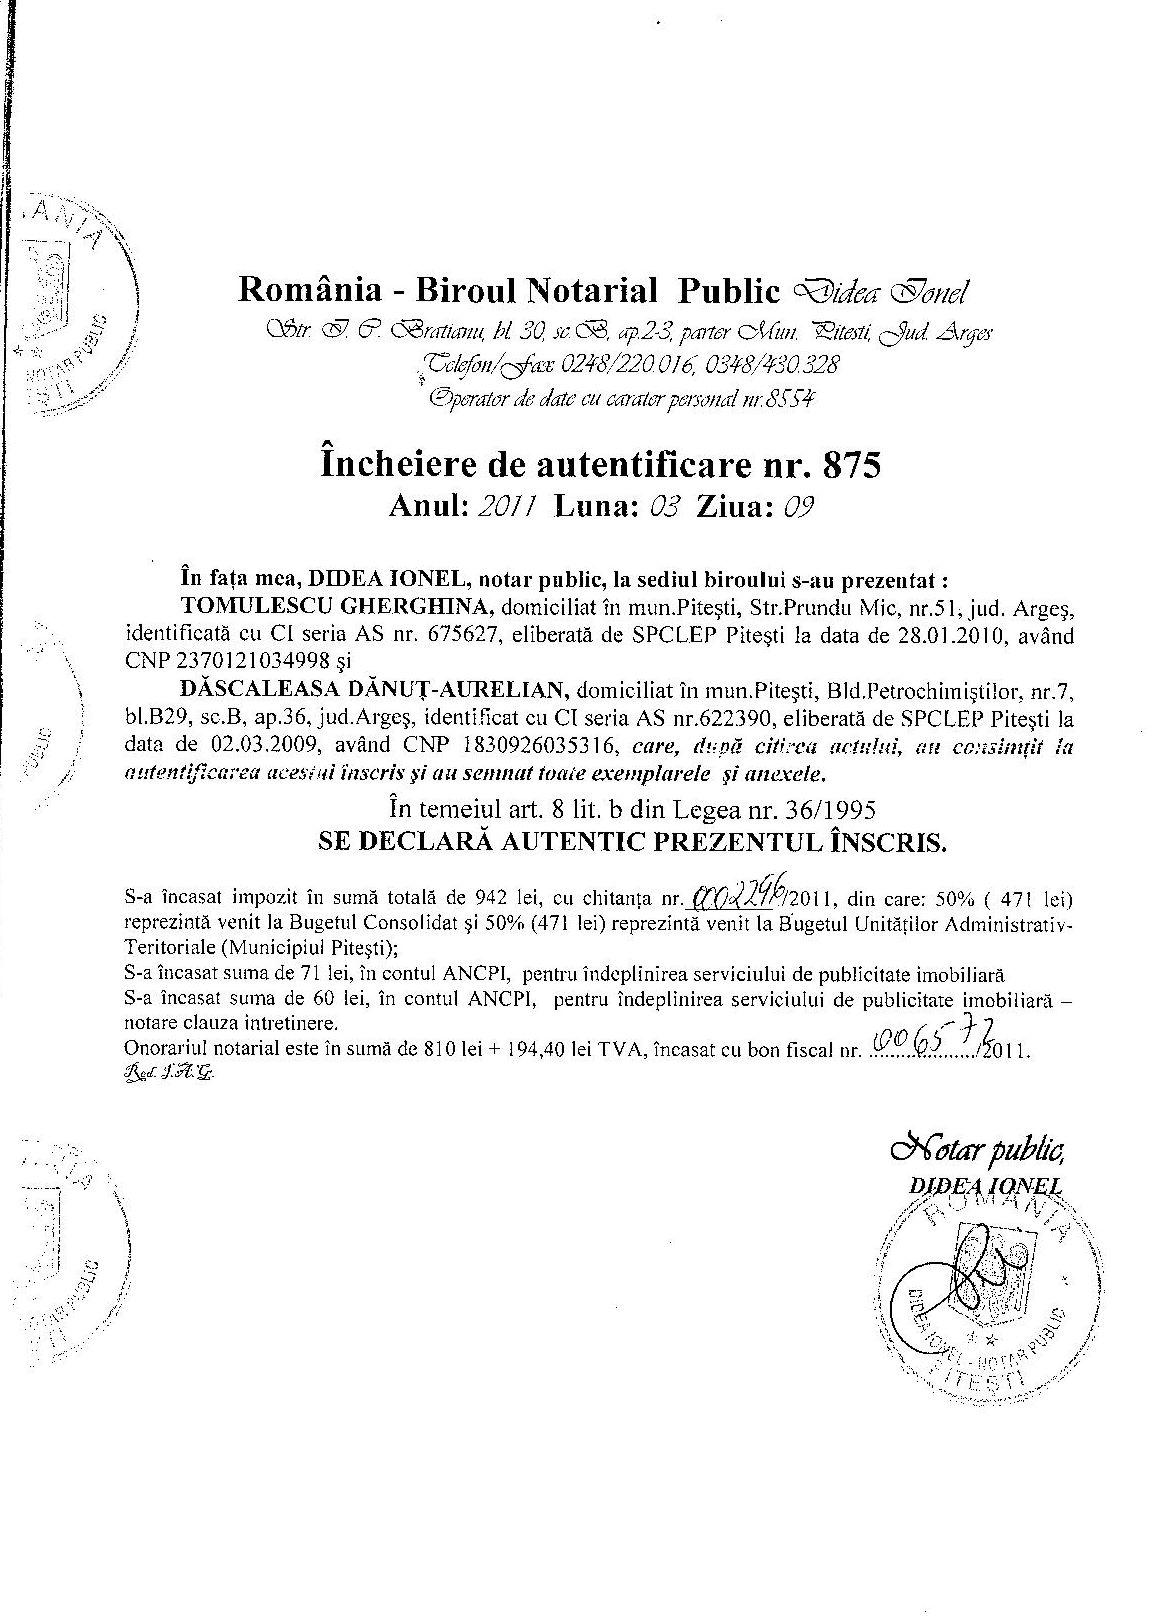 doc1 pag3 _contract fals vanzare-cumparare